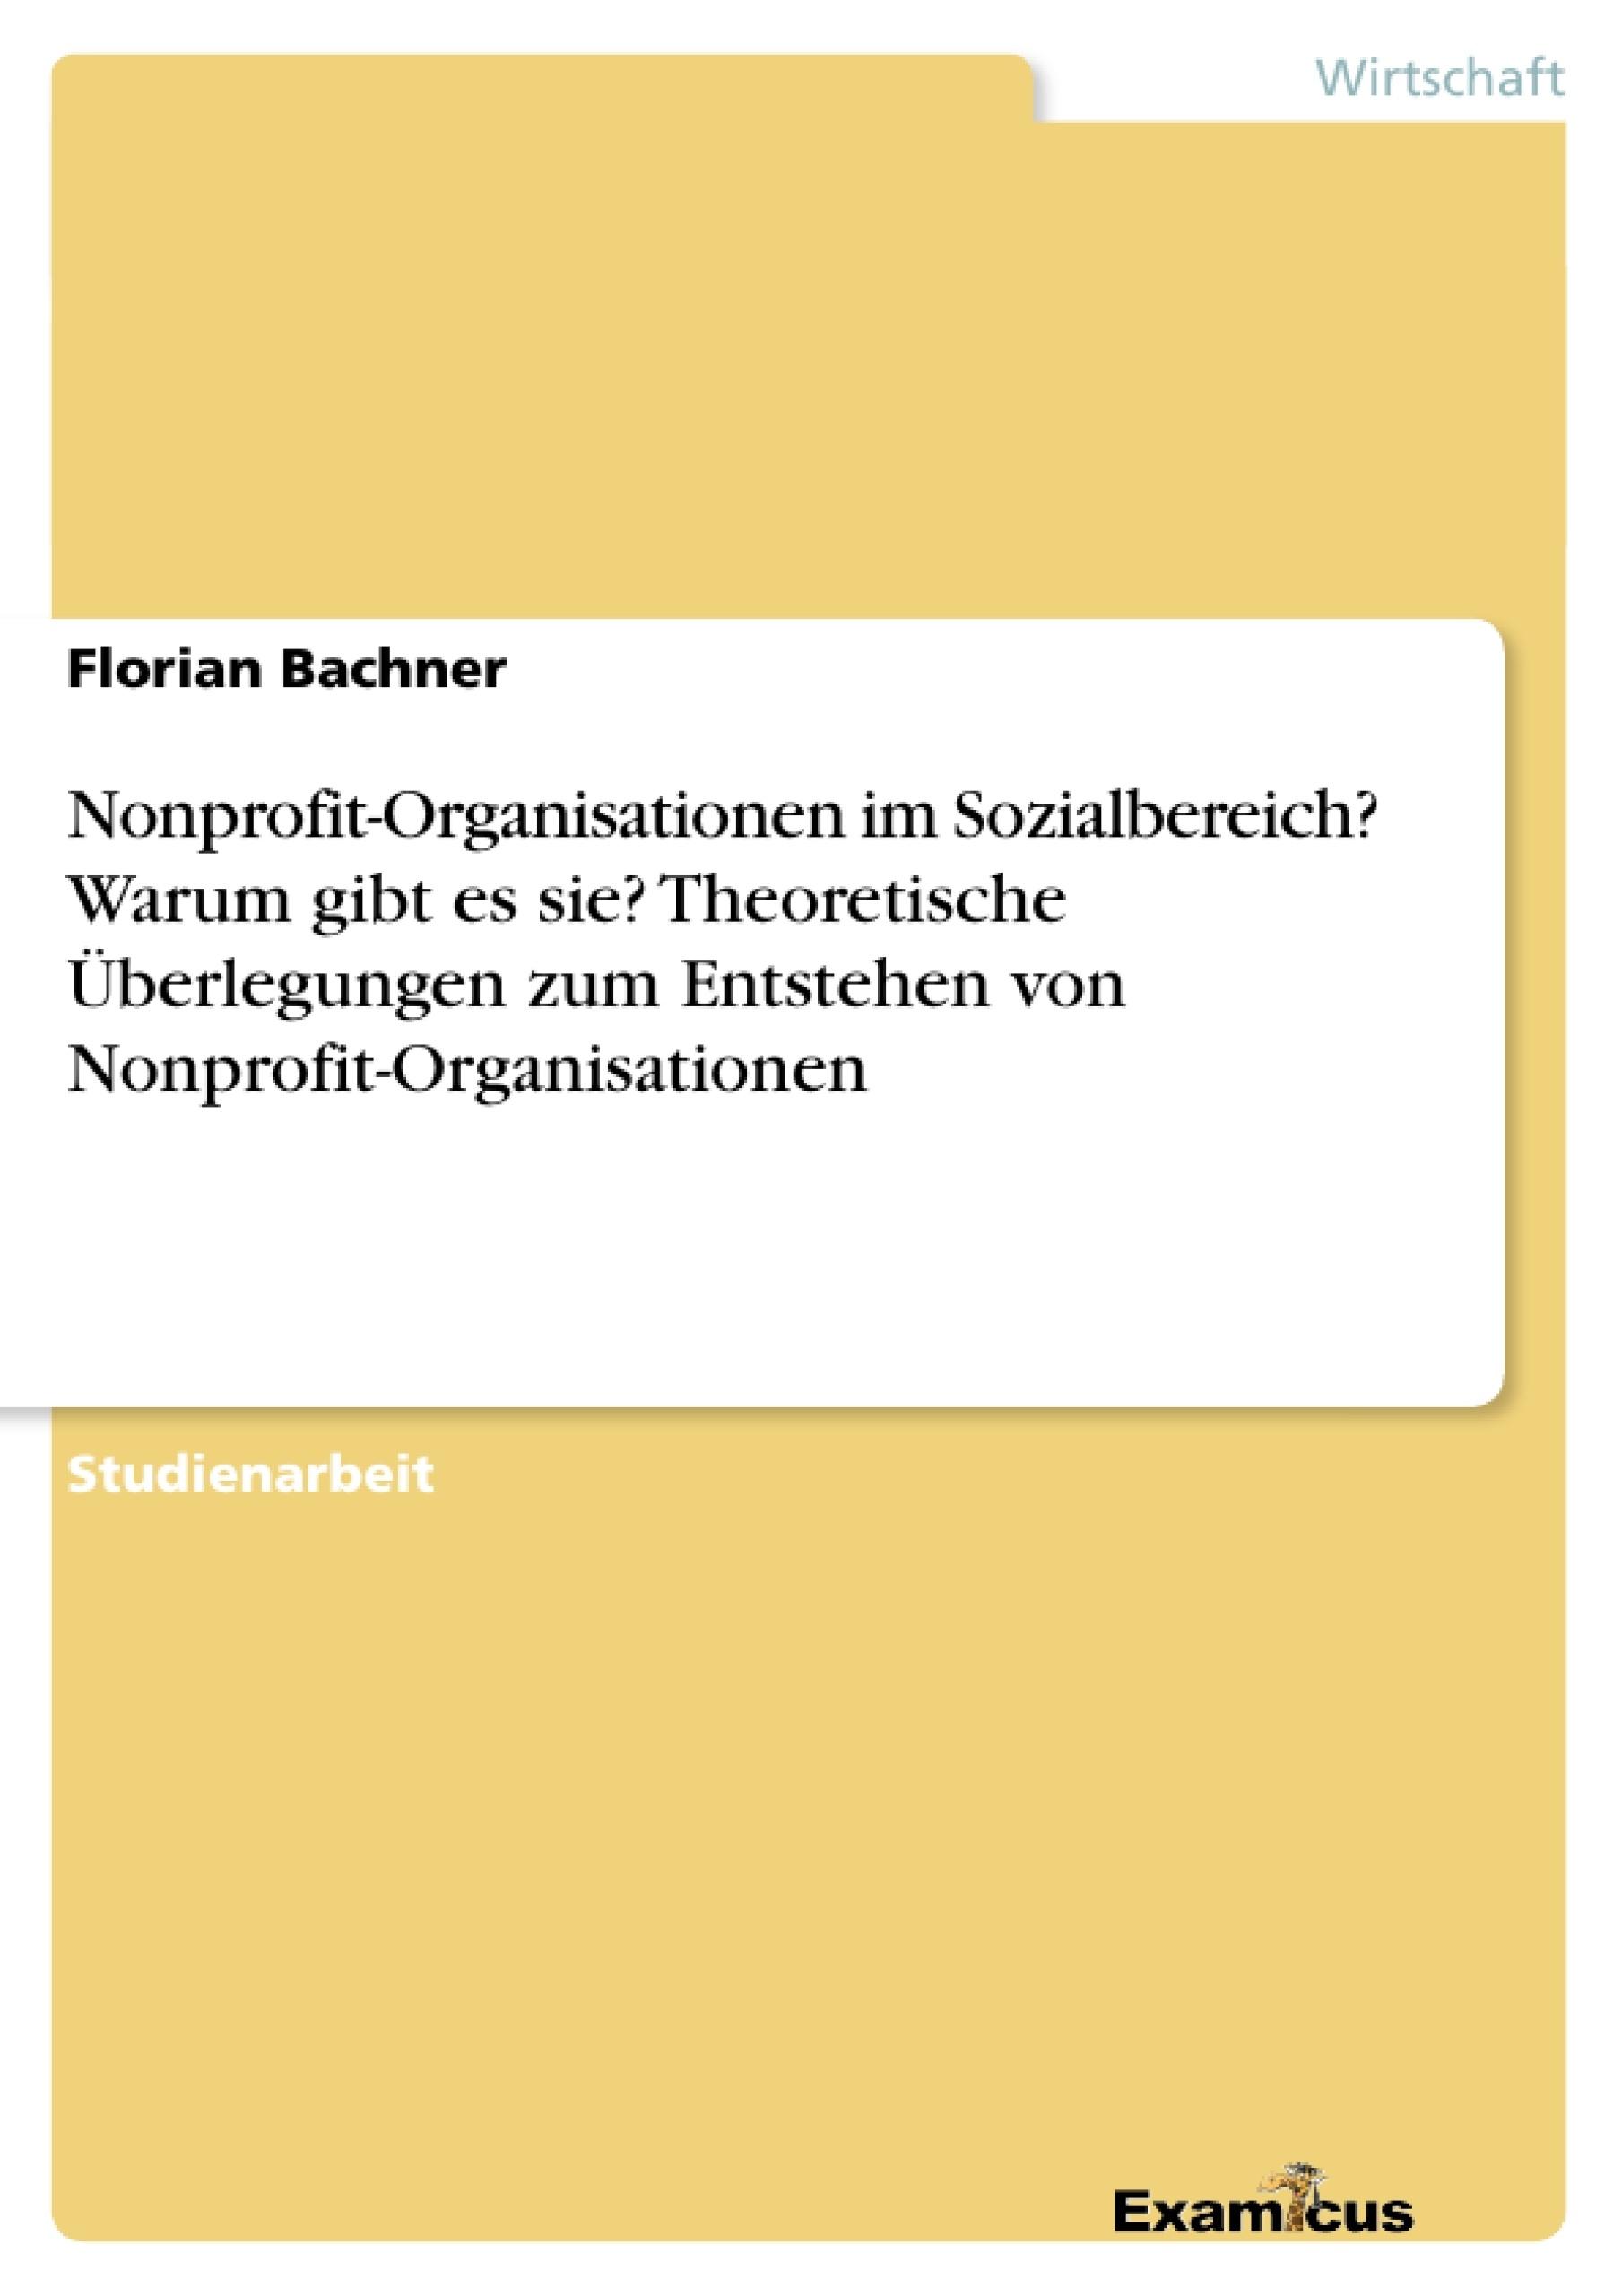 Titel: Nonprofit-Organisationen im Sozialbereich? Warum gibt es sie? Theoretische Überlegungen zum Entstehen von Nonprofit-Organisationen